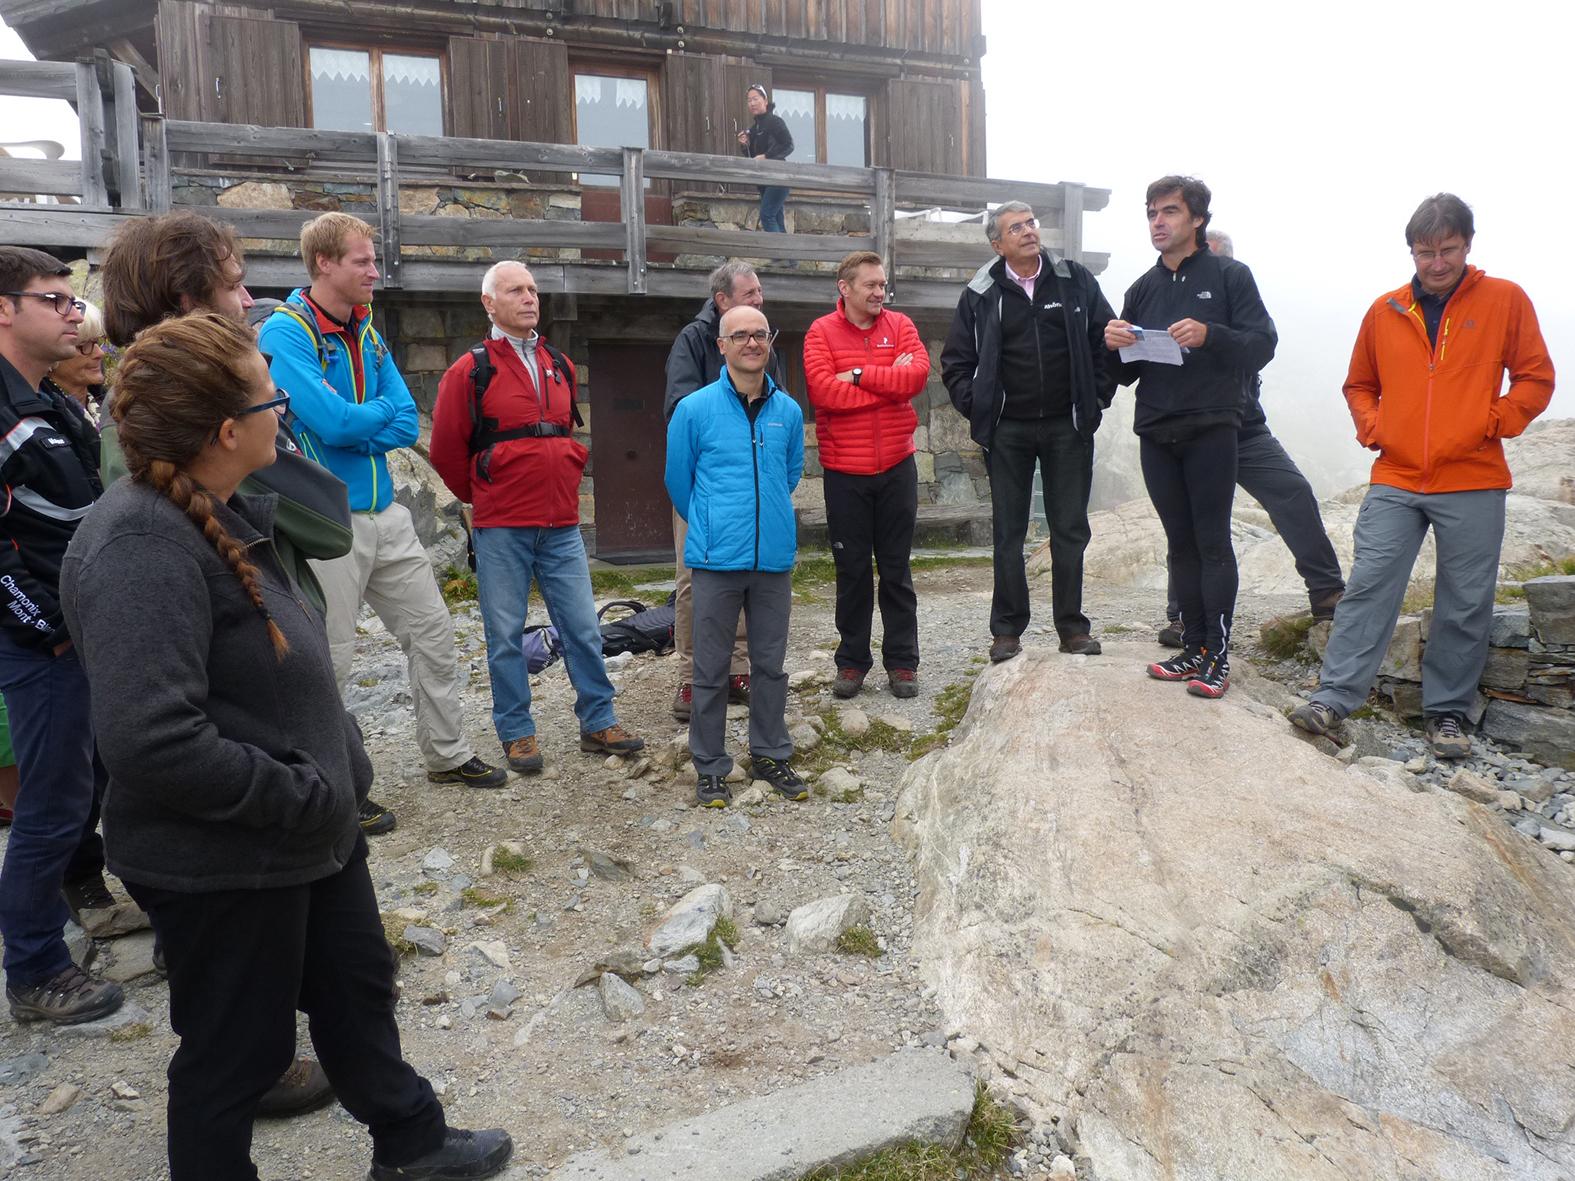 ©Mairie de Chamonix : Elus et acteurs de l'opération lors de l'inauguration de la pico-centrale du lac blanc